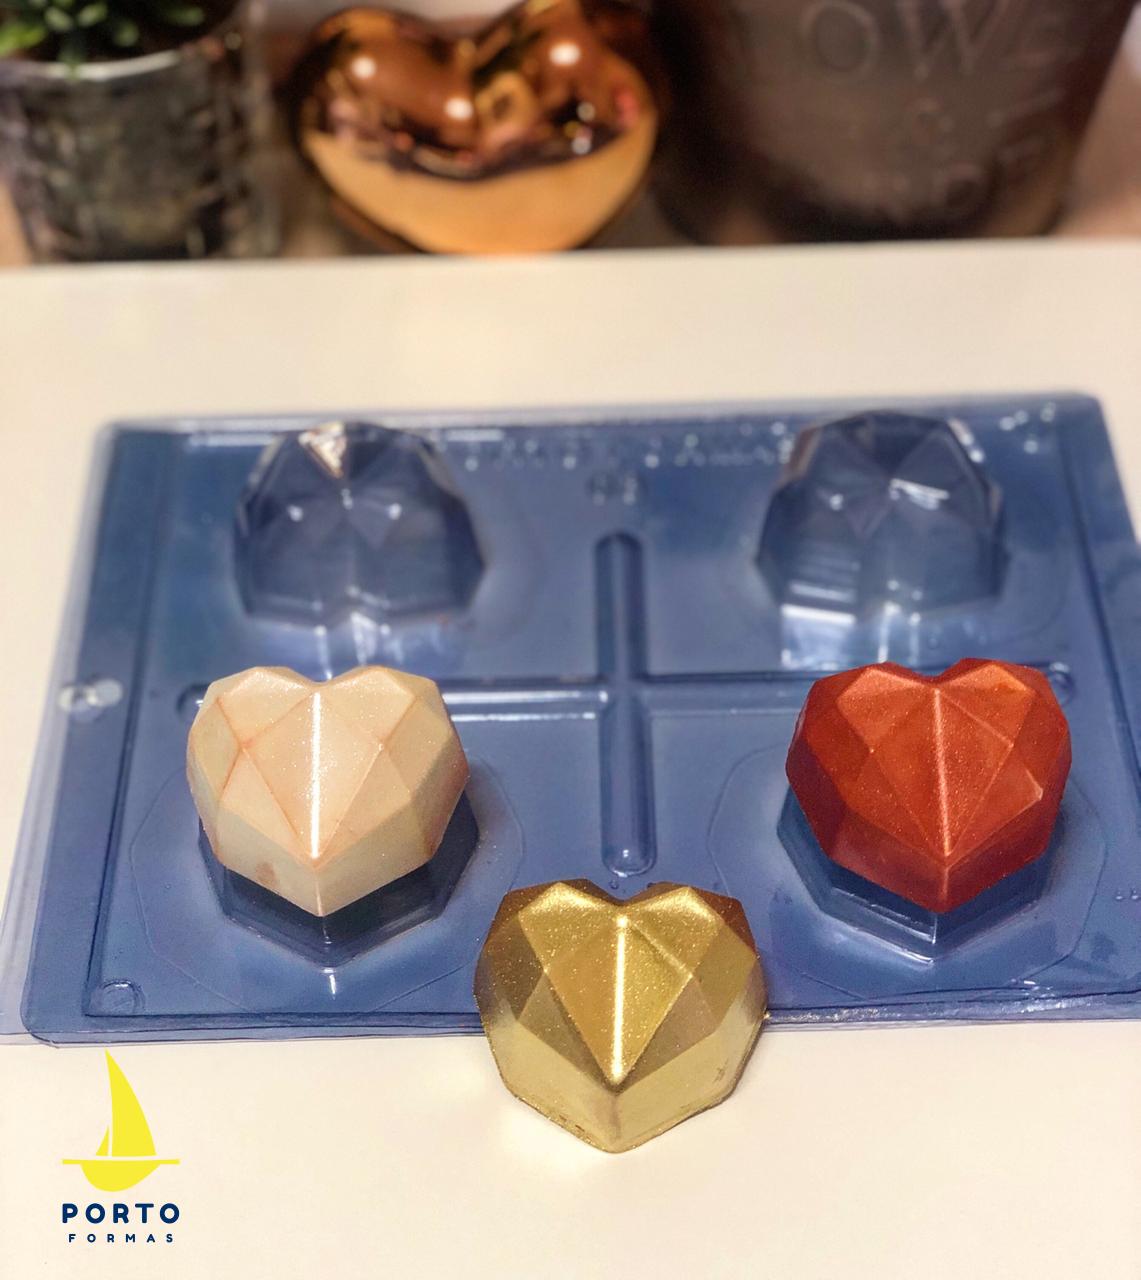 Imagen de producto: https://tienda.postreadiccion.com/img/articulos/secundarias14030-molde-3-portoformas-corazones-pequenos-geometricos-4.jpeg